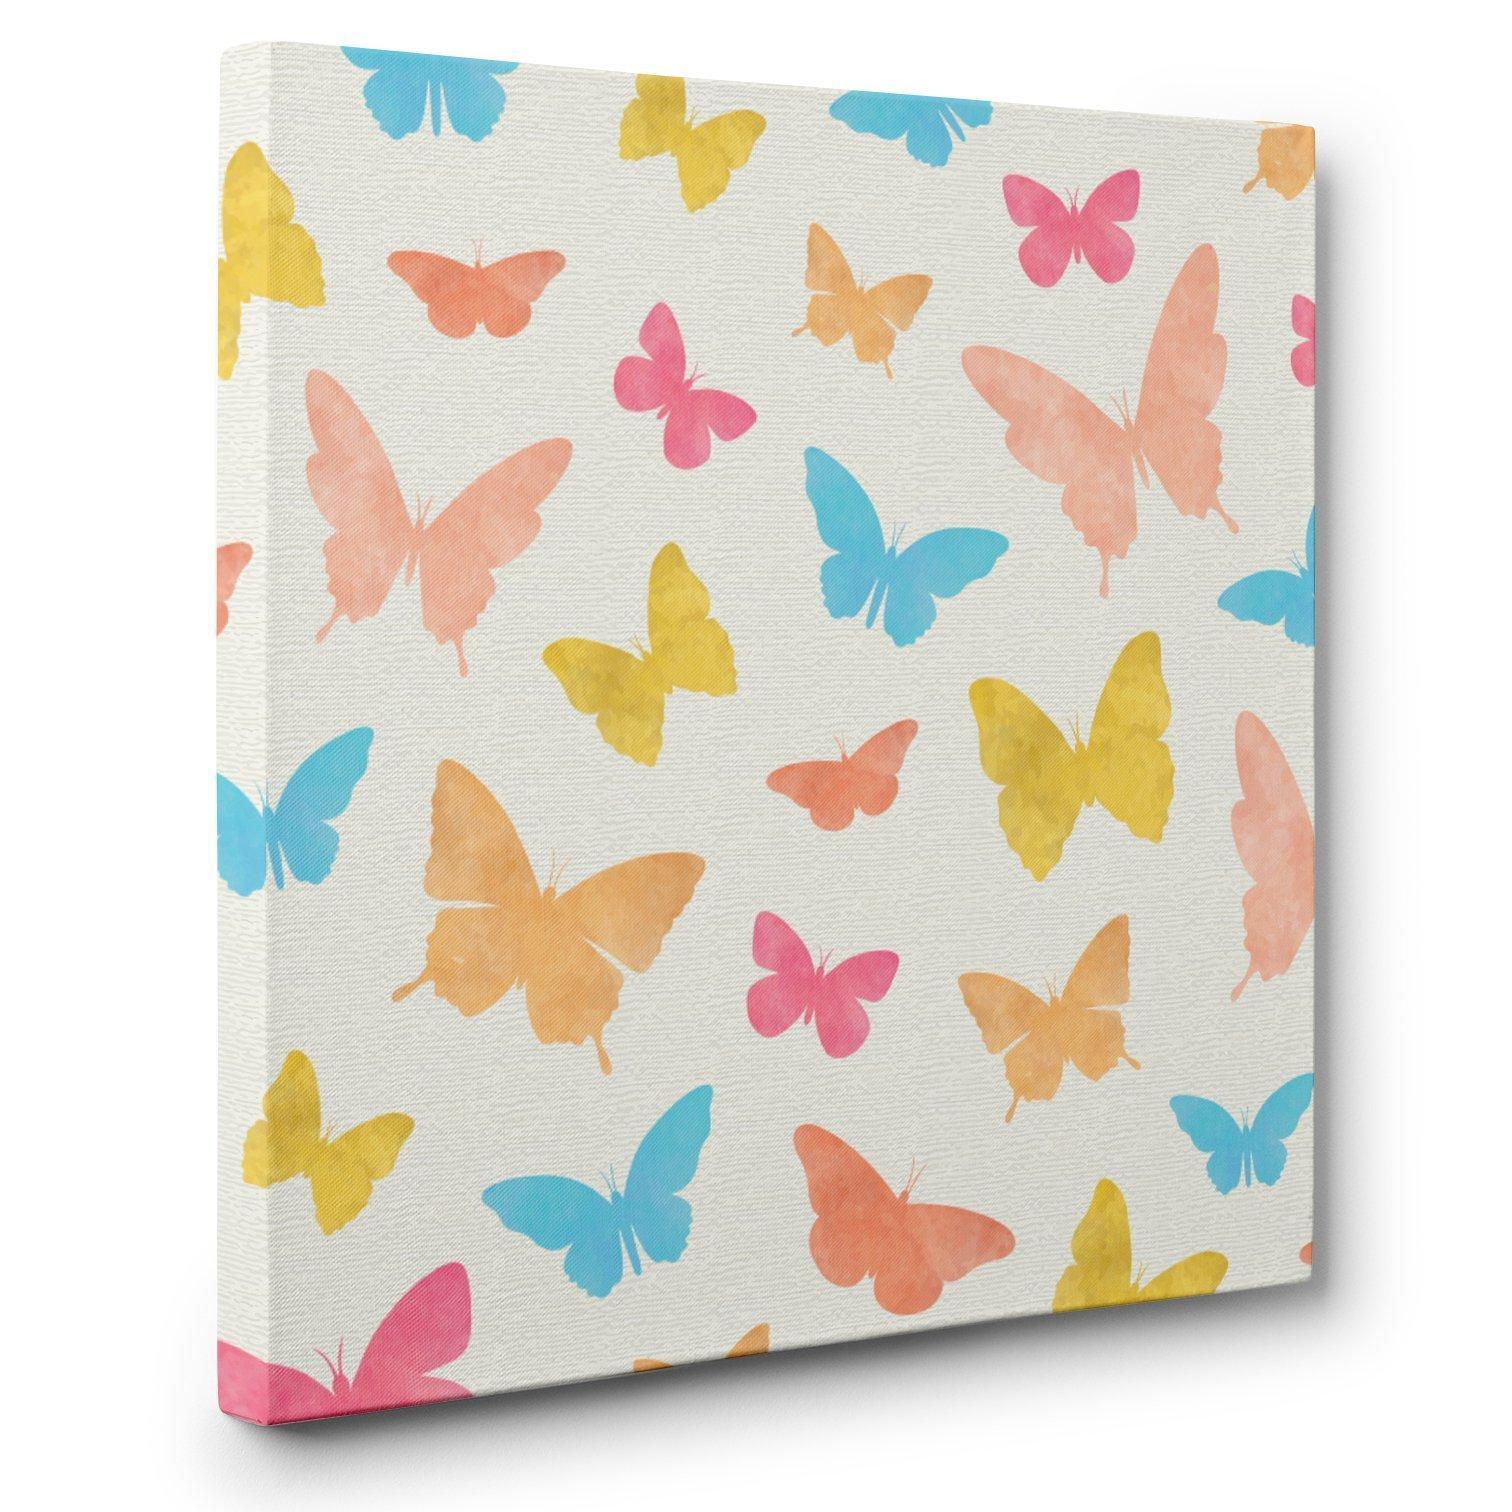 Butterflies Blue Pink Orange CANVAS Wall Art Home Décor